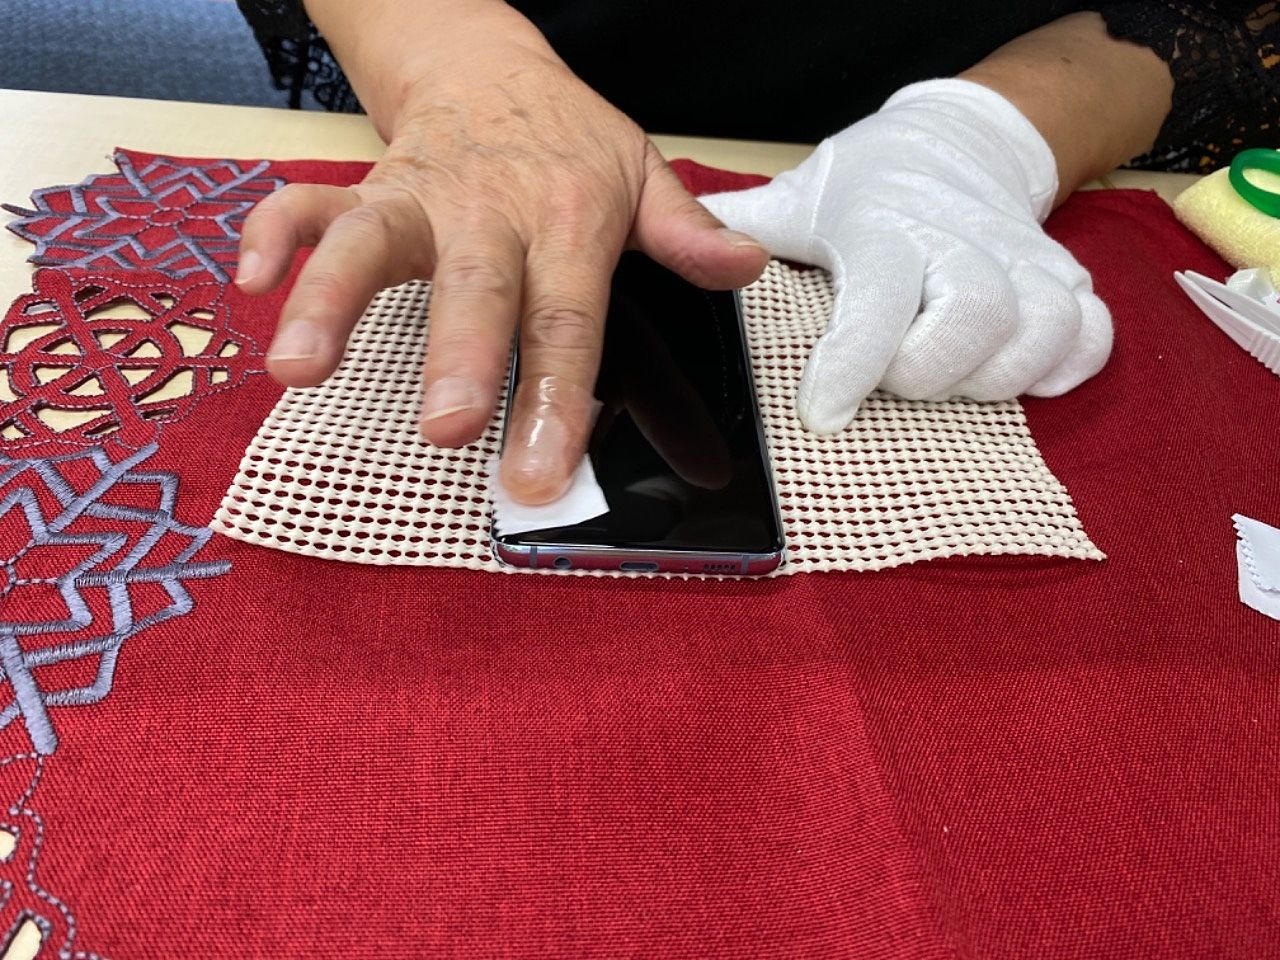 有限会社青木商事のあるアゼリア青新ビル8階のアラジン株式会社さんに携帯電話に特殊塗装ハイパーラップをして頂きました。抗菌機能がありコロナ時代にマッチ